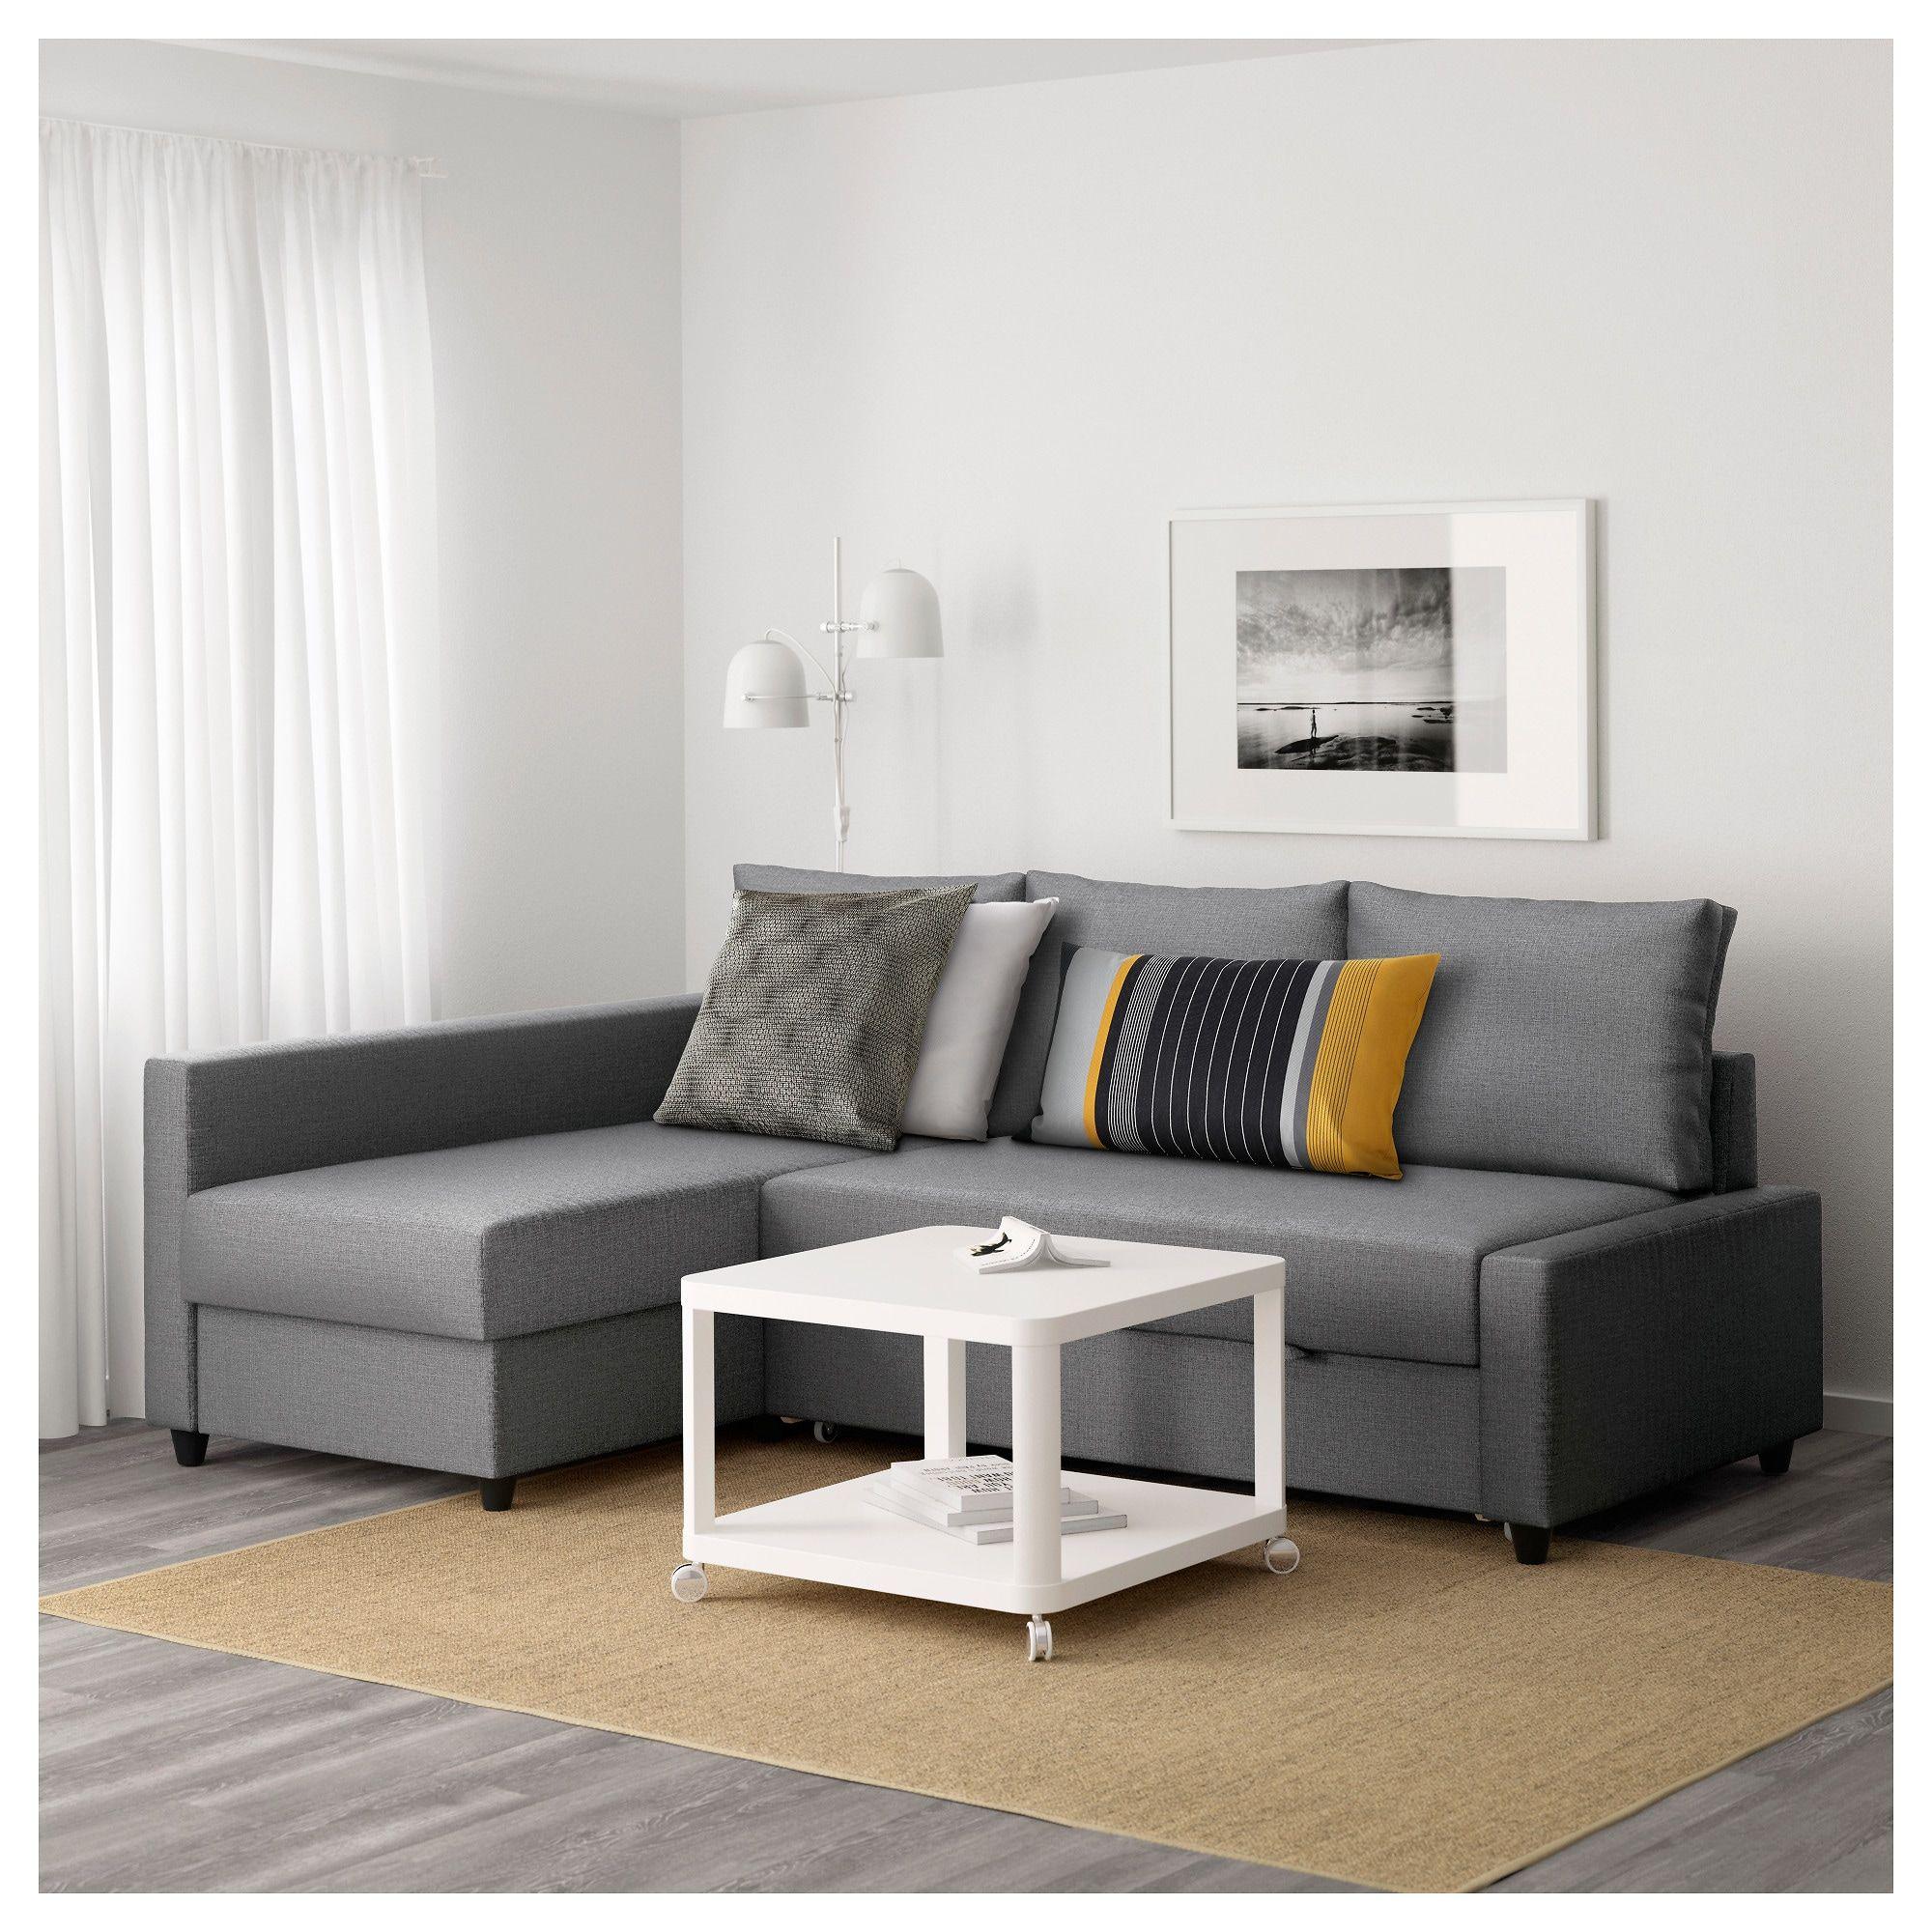 Friheten Skiftebo Dark Grey Corner Sofa Bed With Storage Ikea Corner Sofa Bed With Storage Sofa Bed With Storage Ikea Sofa Bed